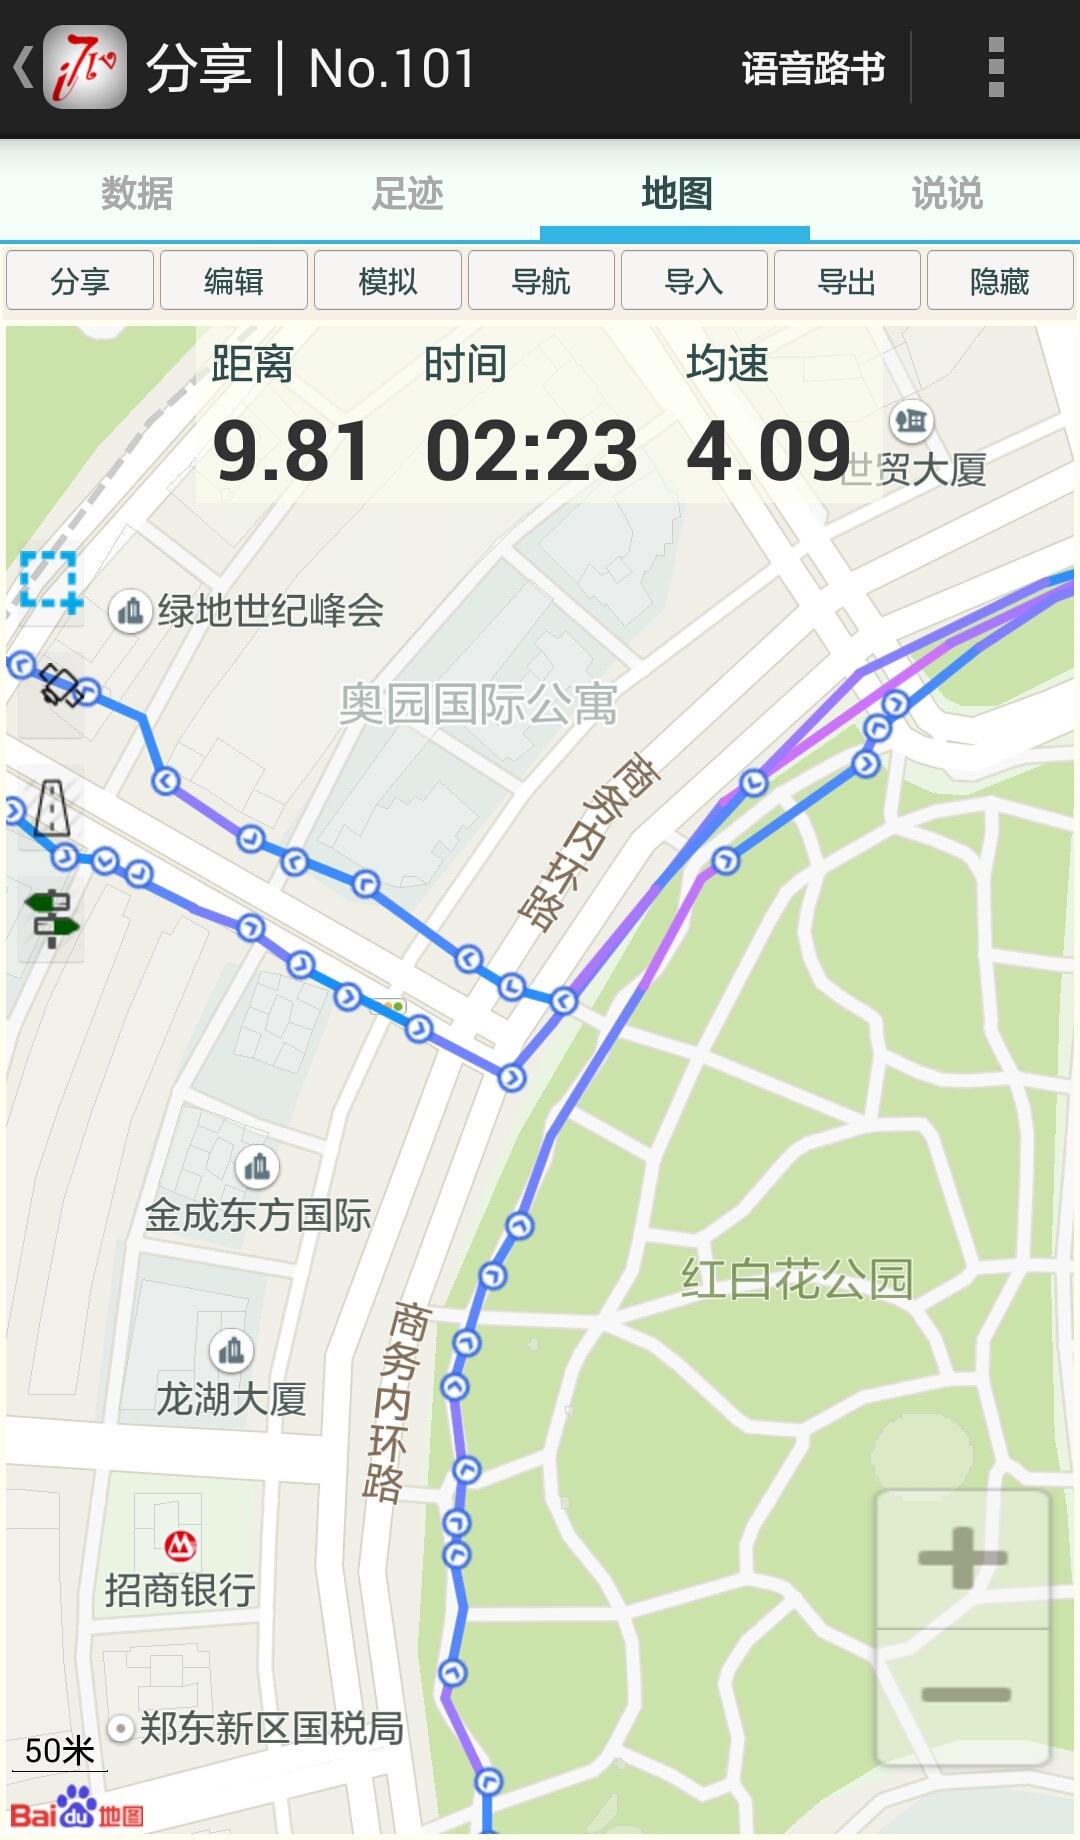 爱骑驴骑车导航软件下载app手机版图4: